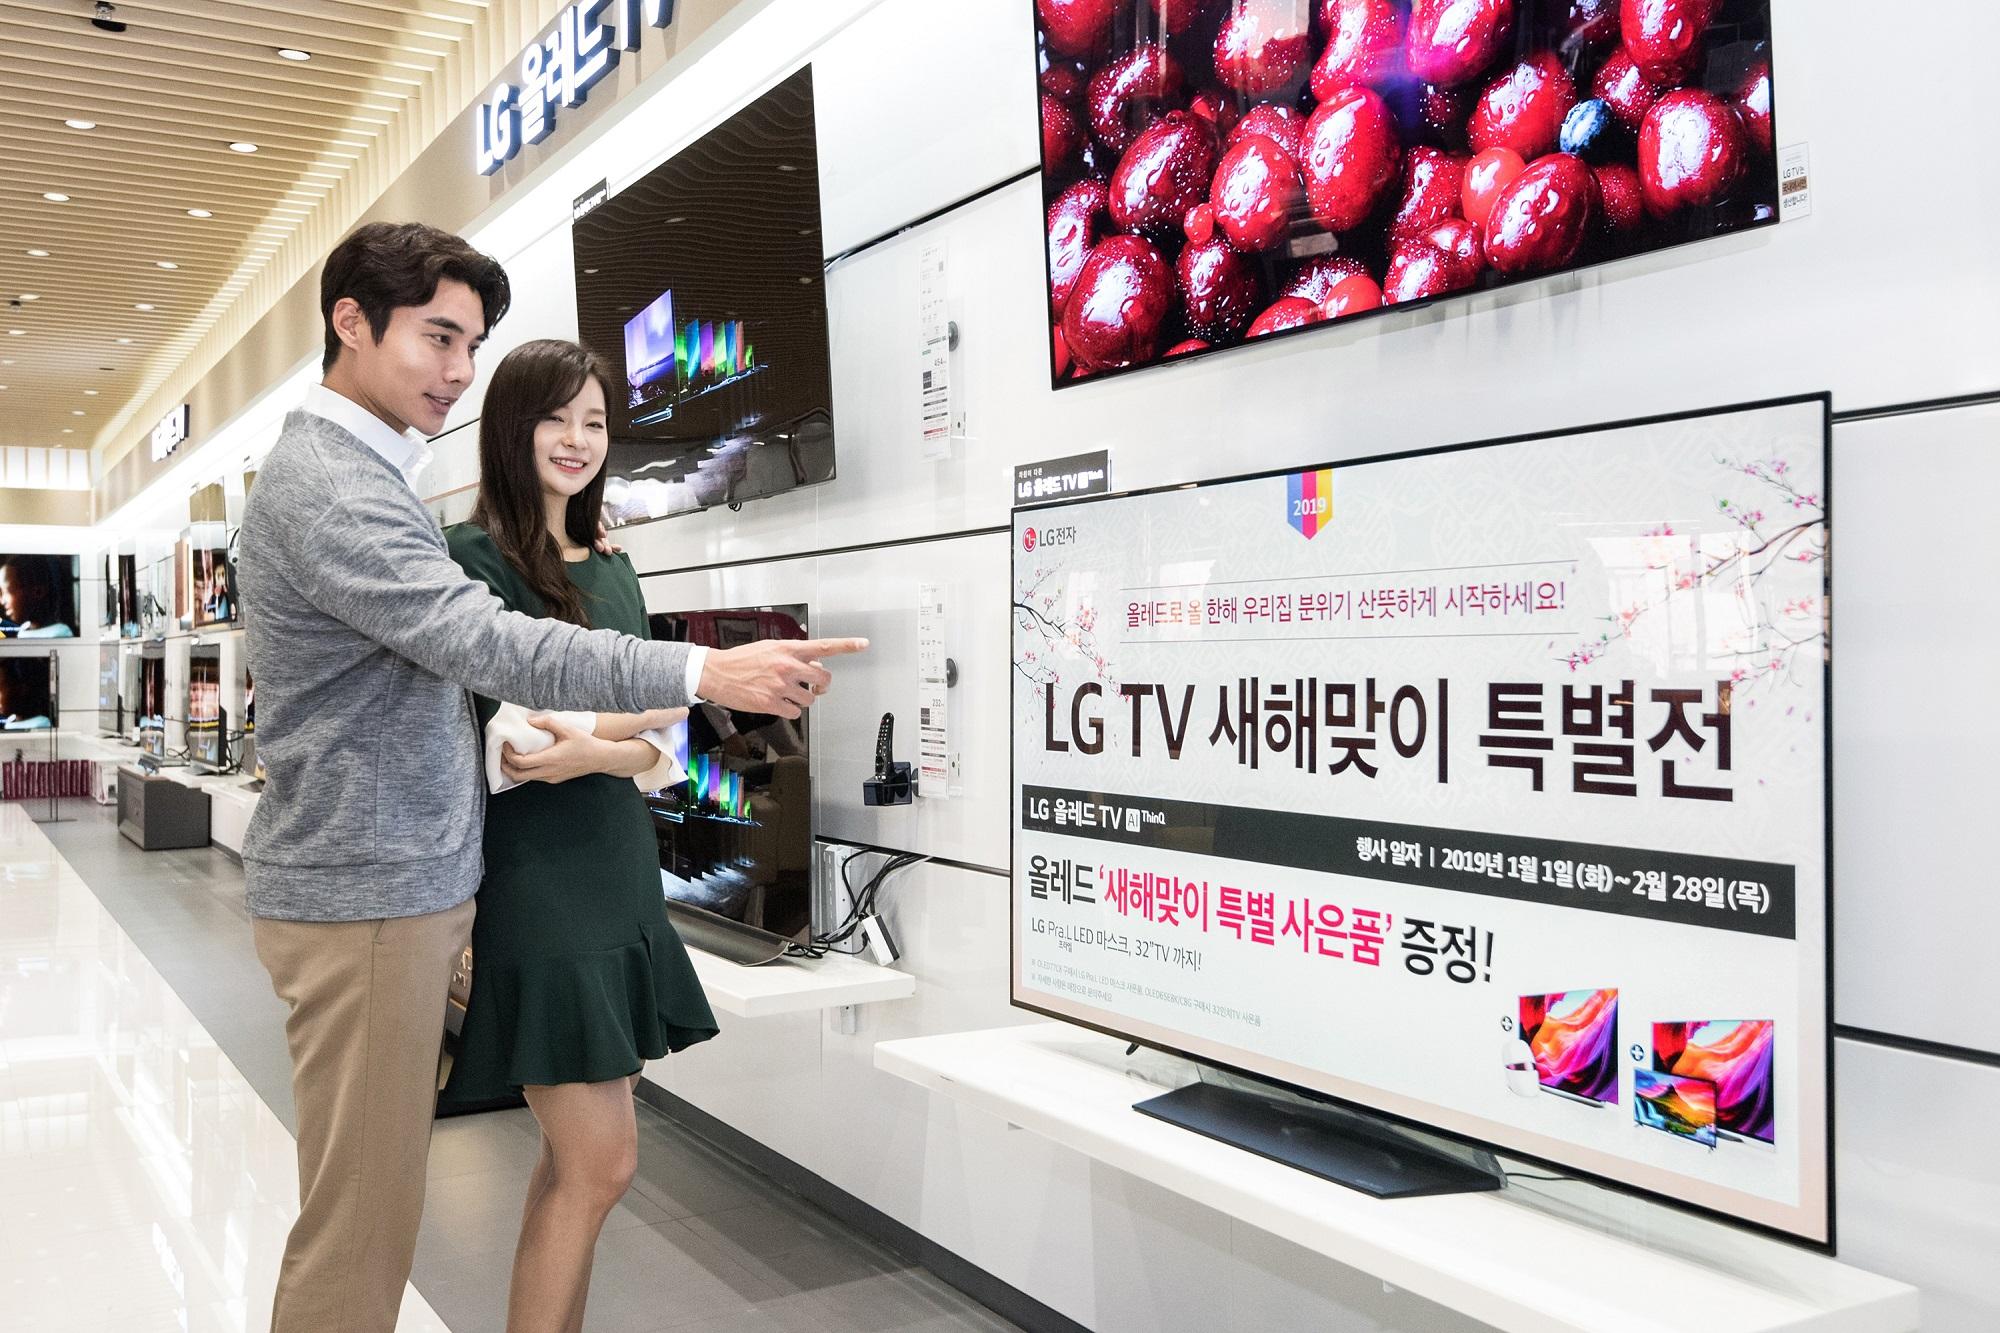 서울 양천구 신월로에 있는 LG전자 베스트샵 양천본점 매장에서 모델들이 'LG TV 새해맞이 특별전' 행사를 소개하고 있다.